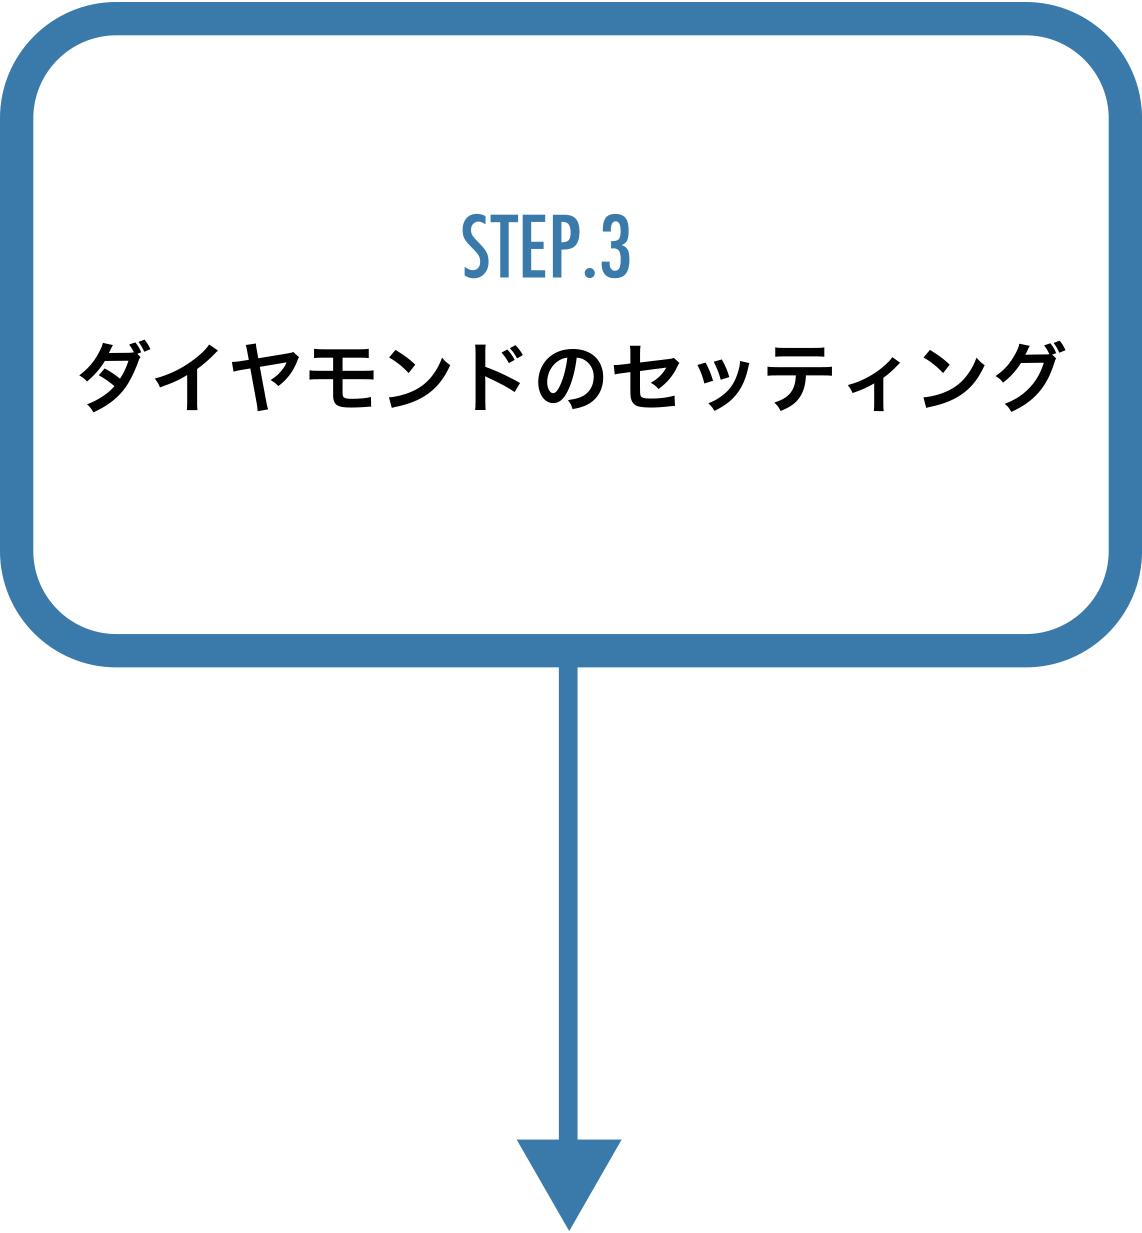 STEP3ダイヤモンドのセッティング